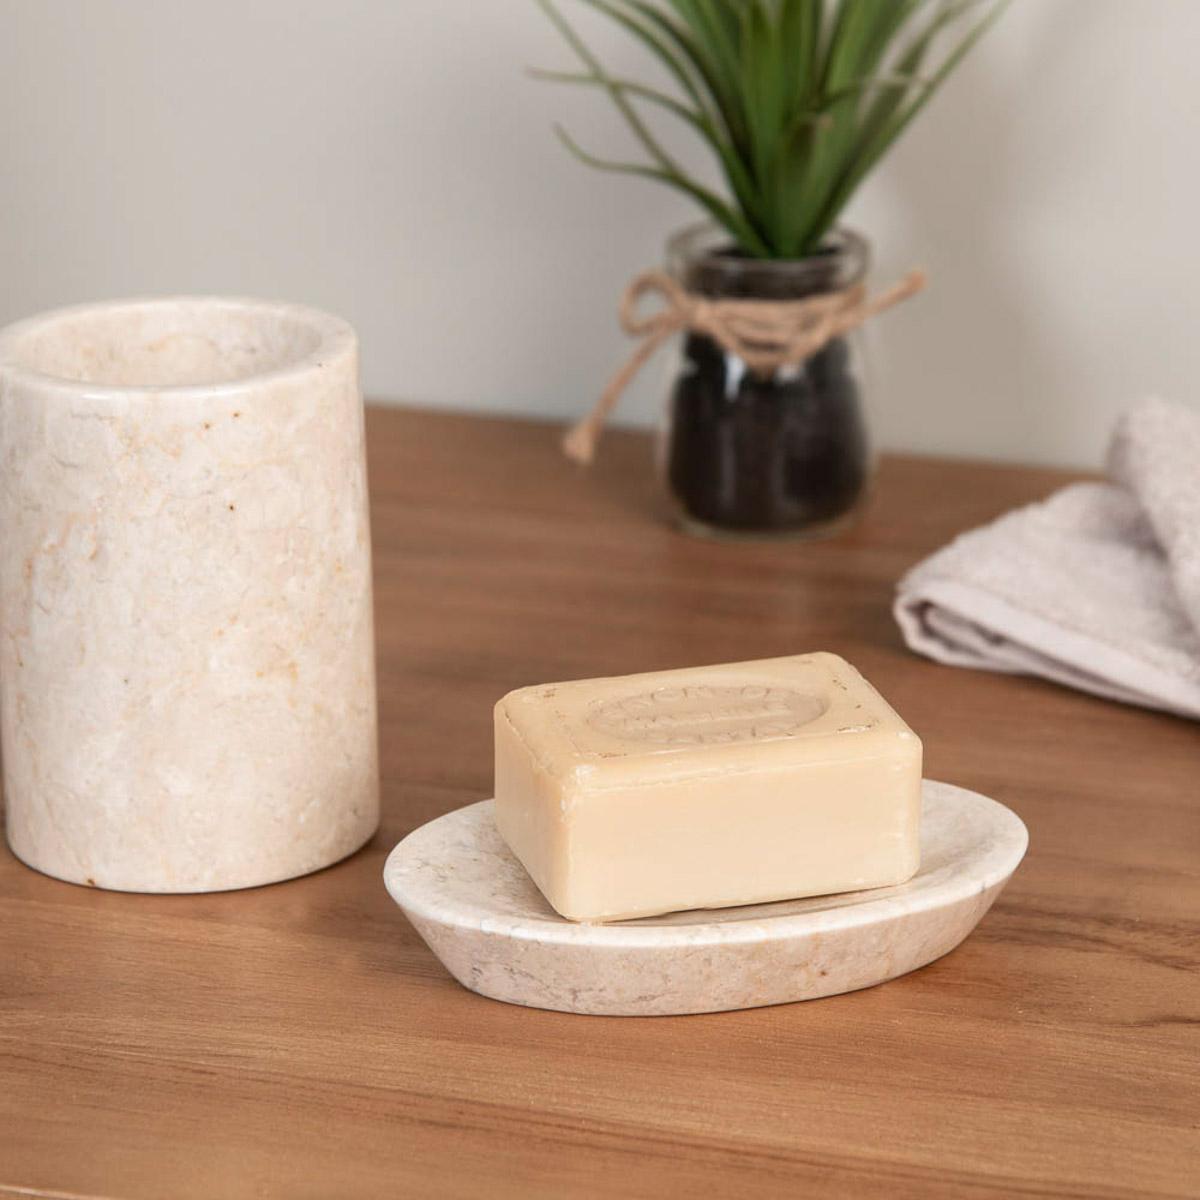 Gobelet porte savon de salle de bain en marbre cr me for Ensemble salle de bain porte savon